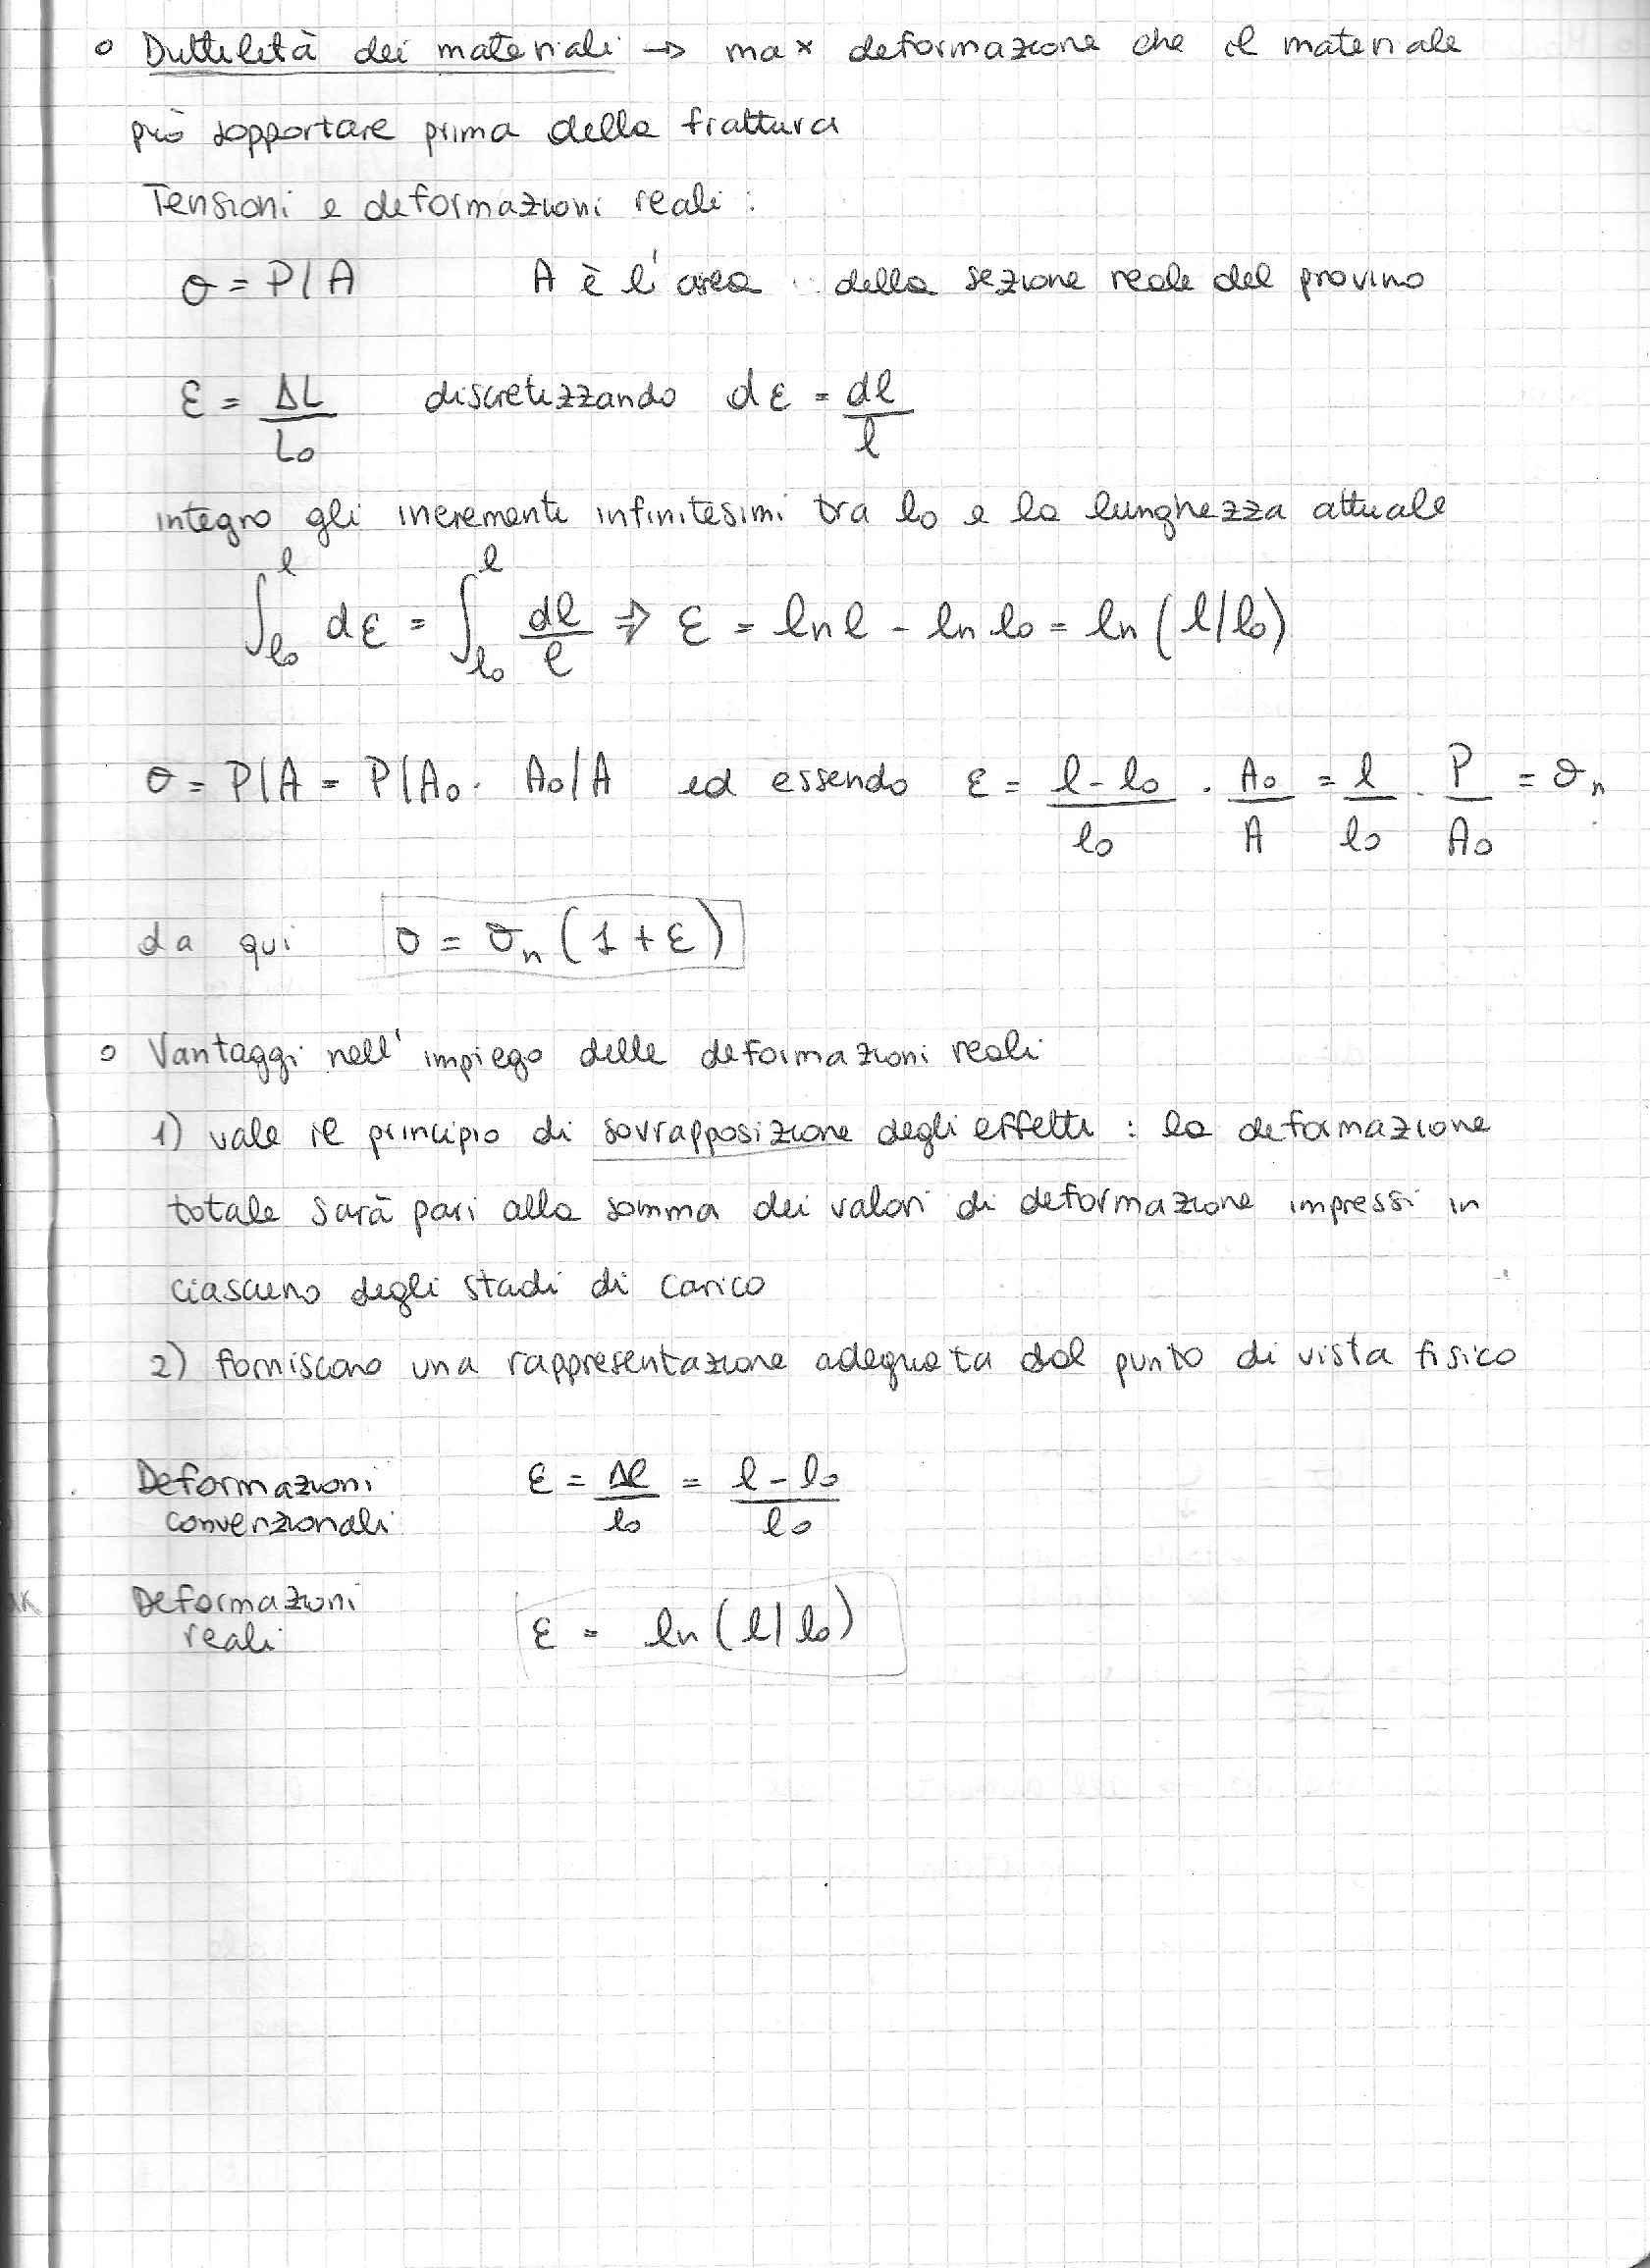 Tecnologia dei processi produttivi - Appunti Pag. 11